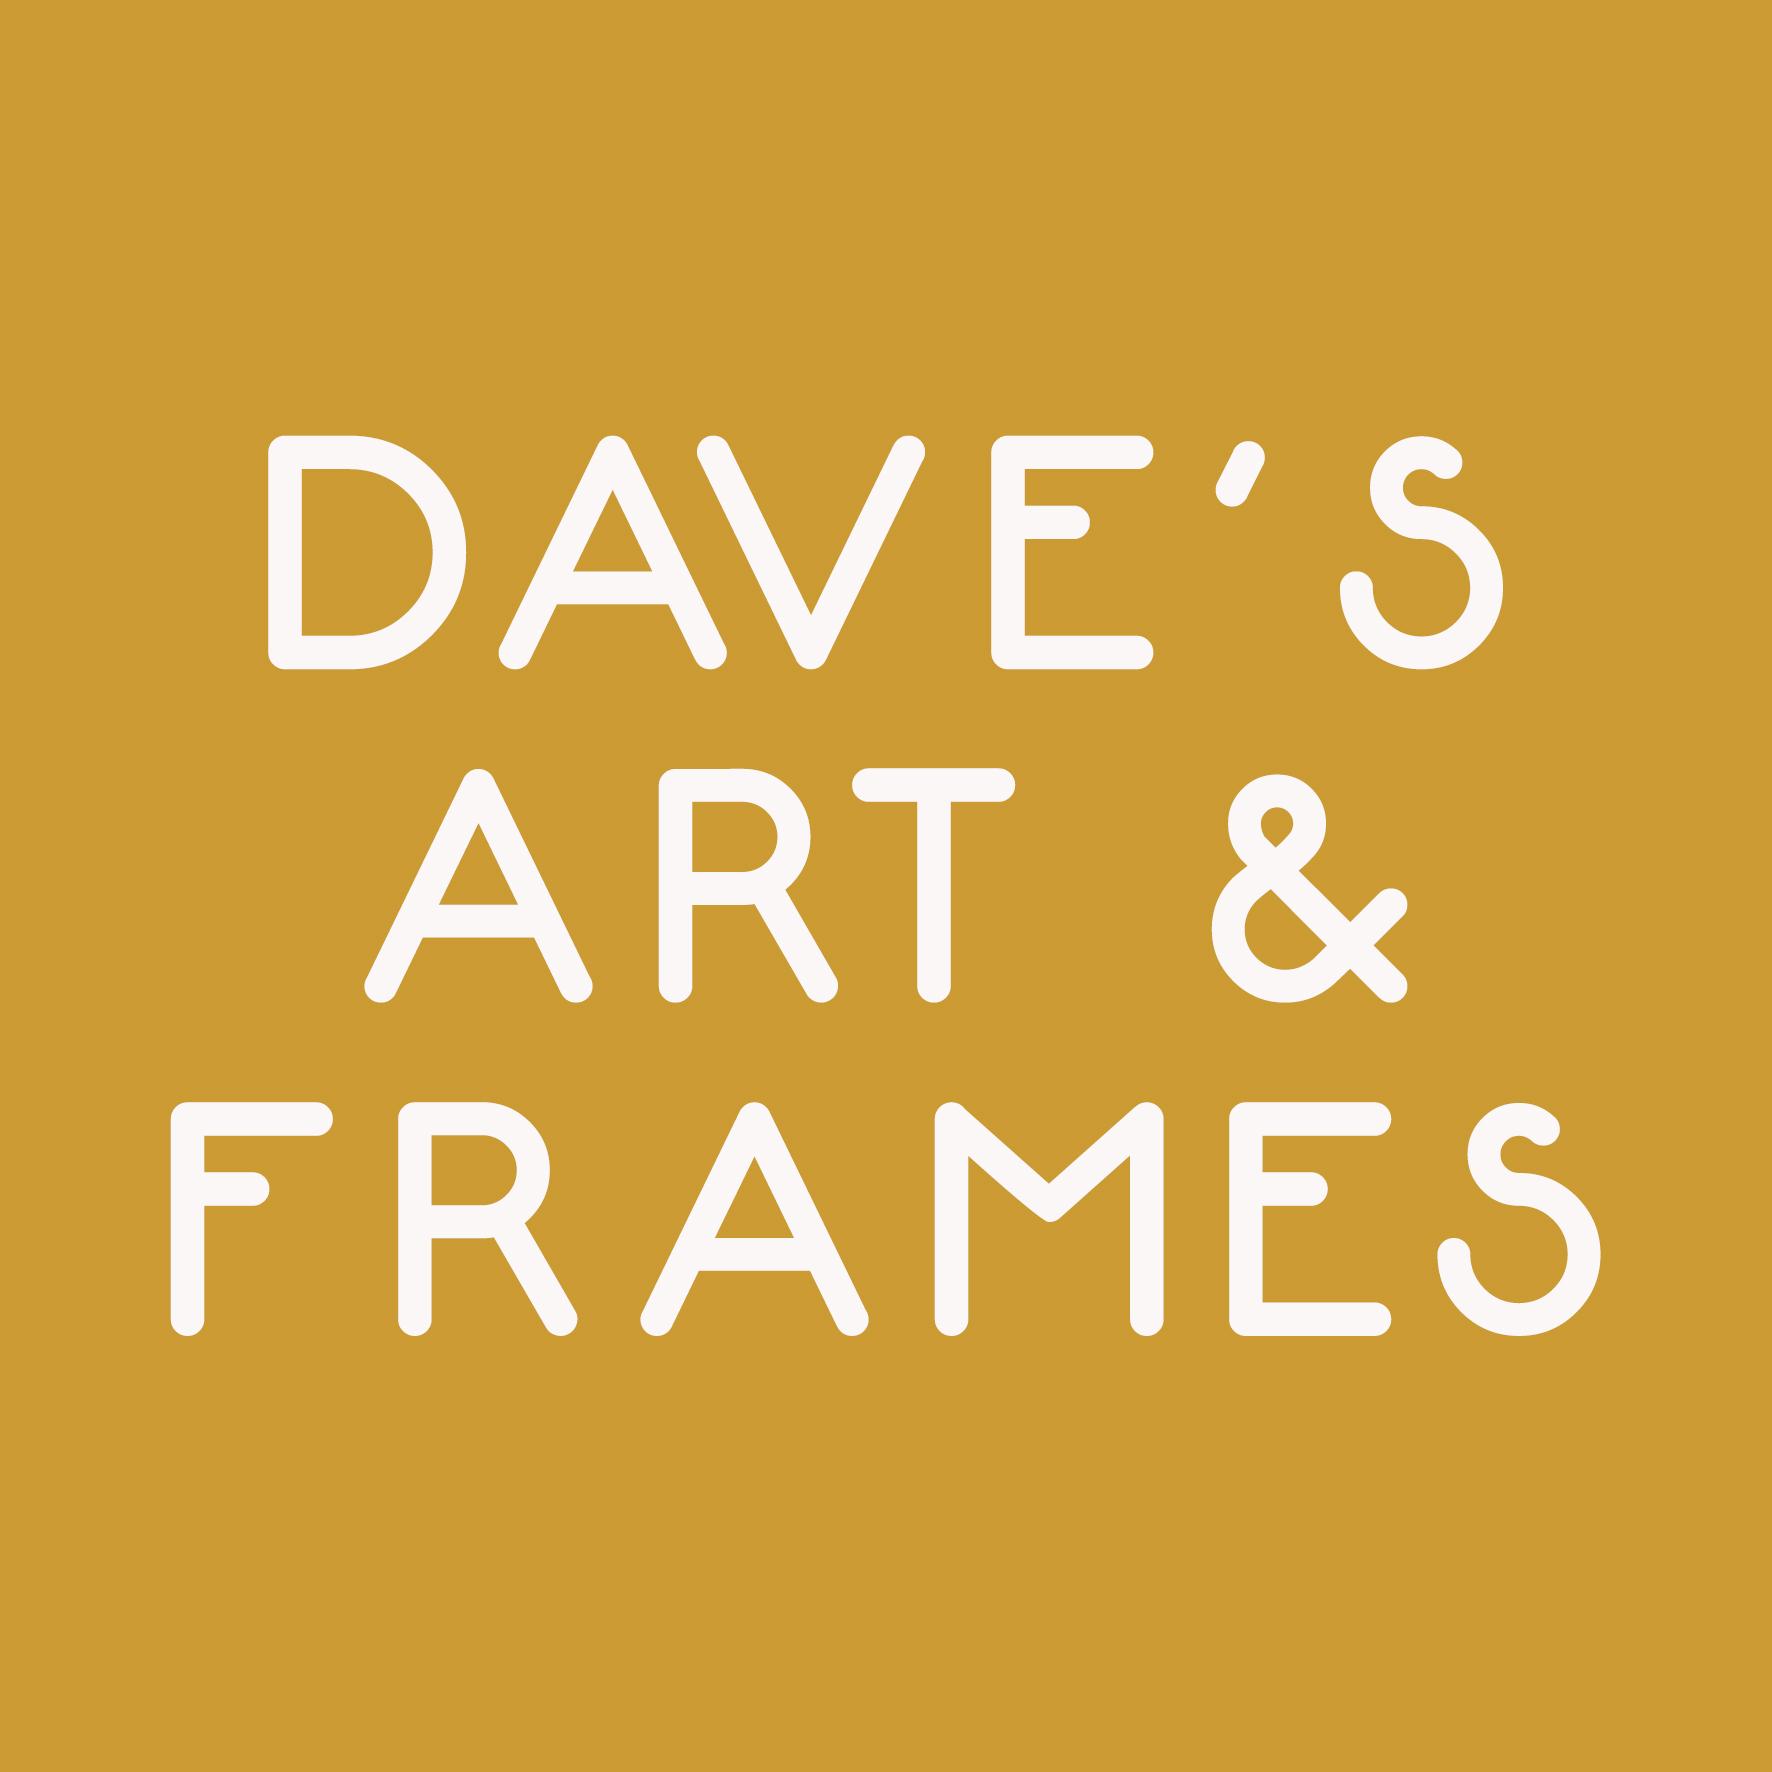 Dave's Art & Frames